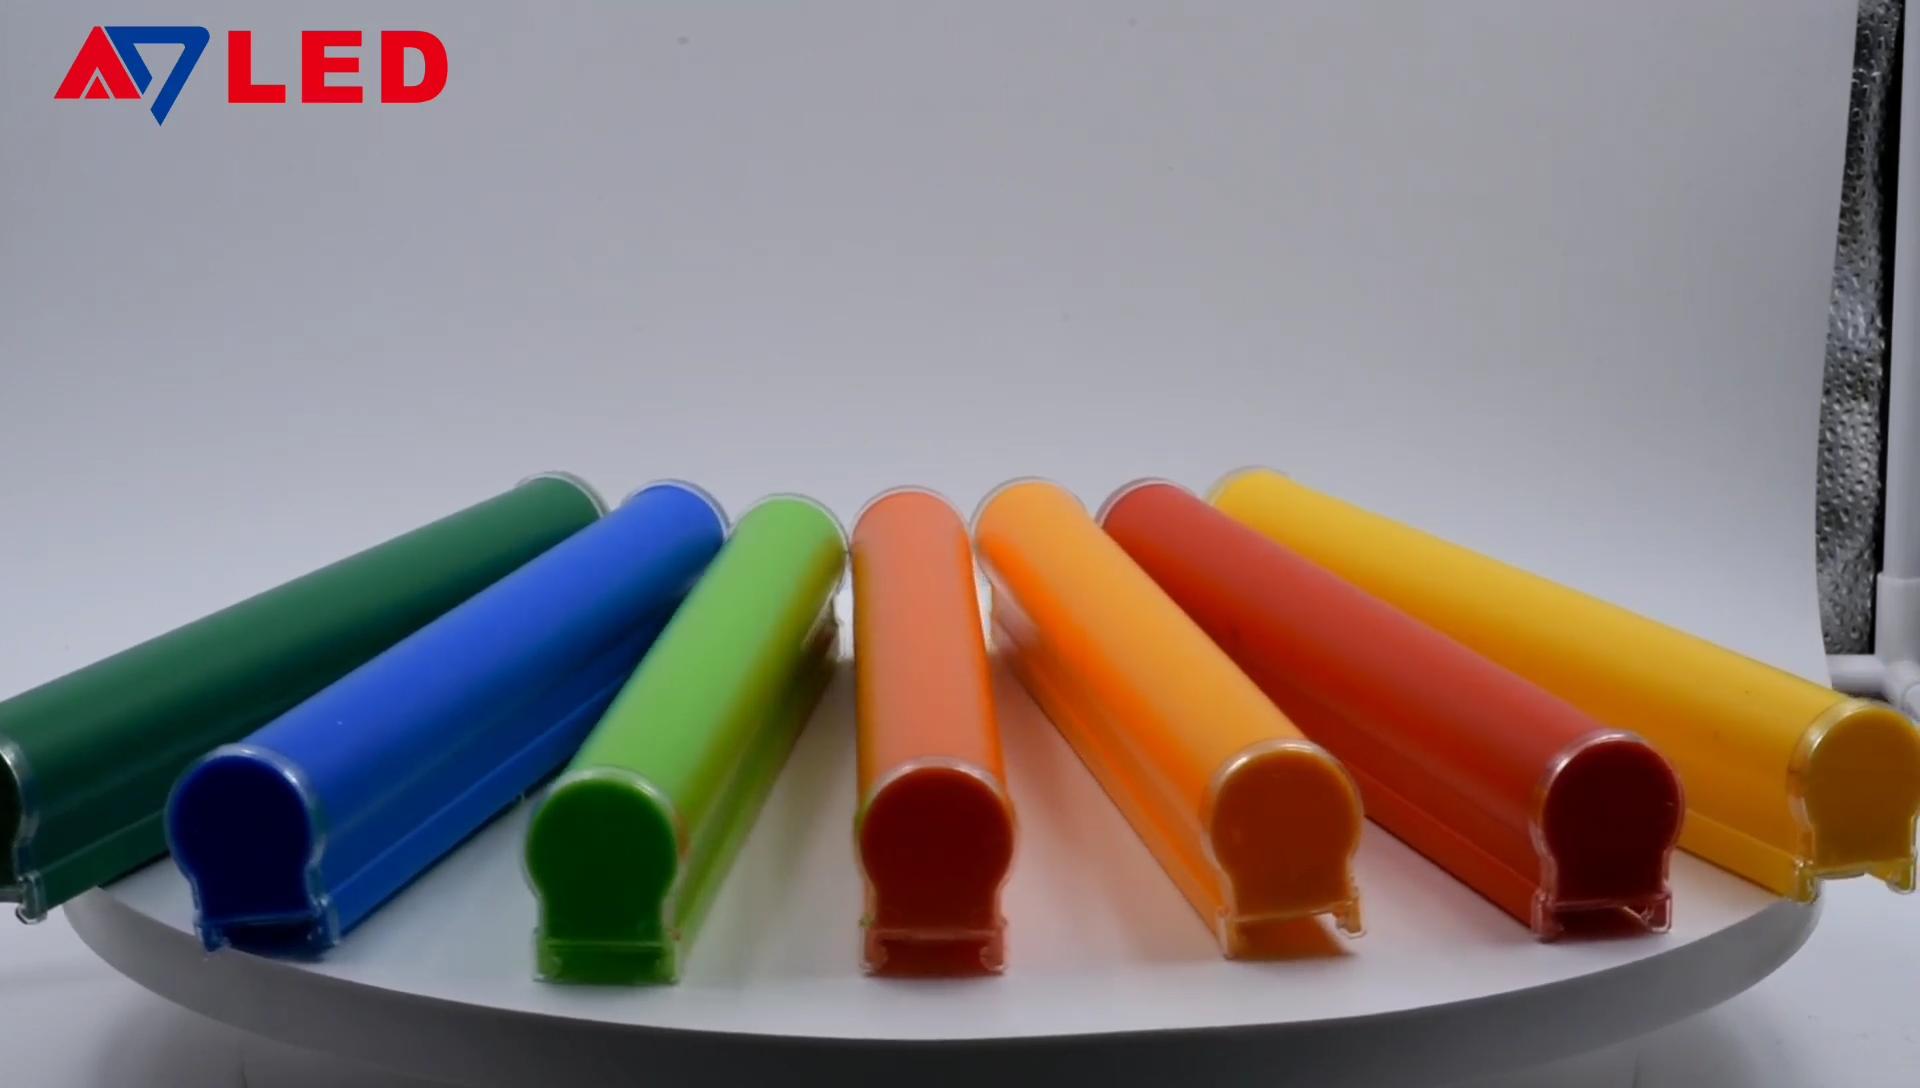 חדש לפתח Led קיר מנקי אפילו תאורה חיצוני ליניארי אור Led בר